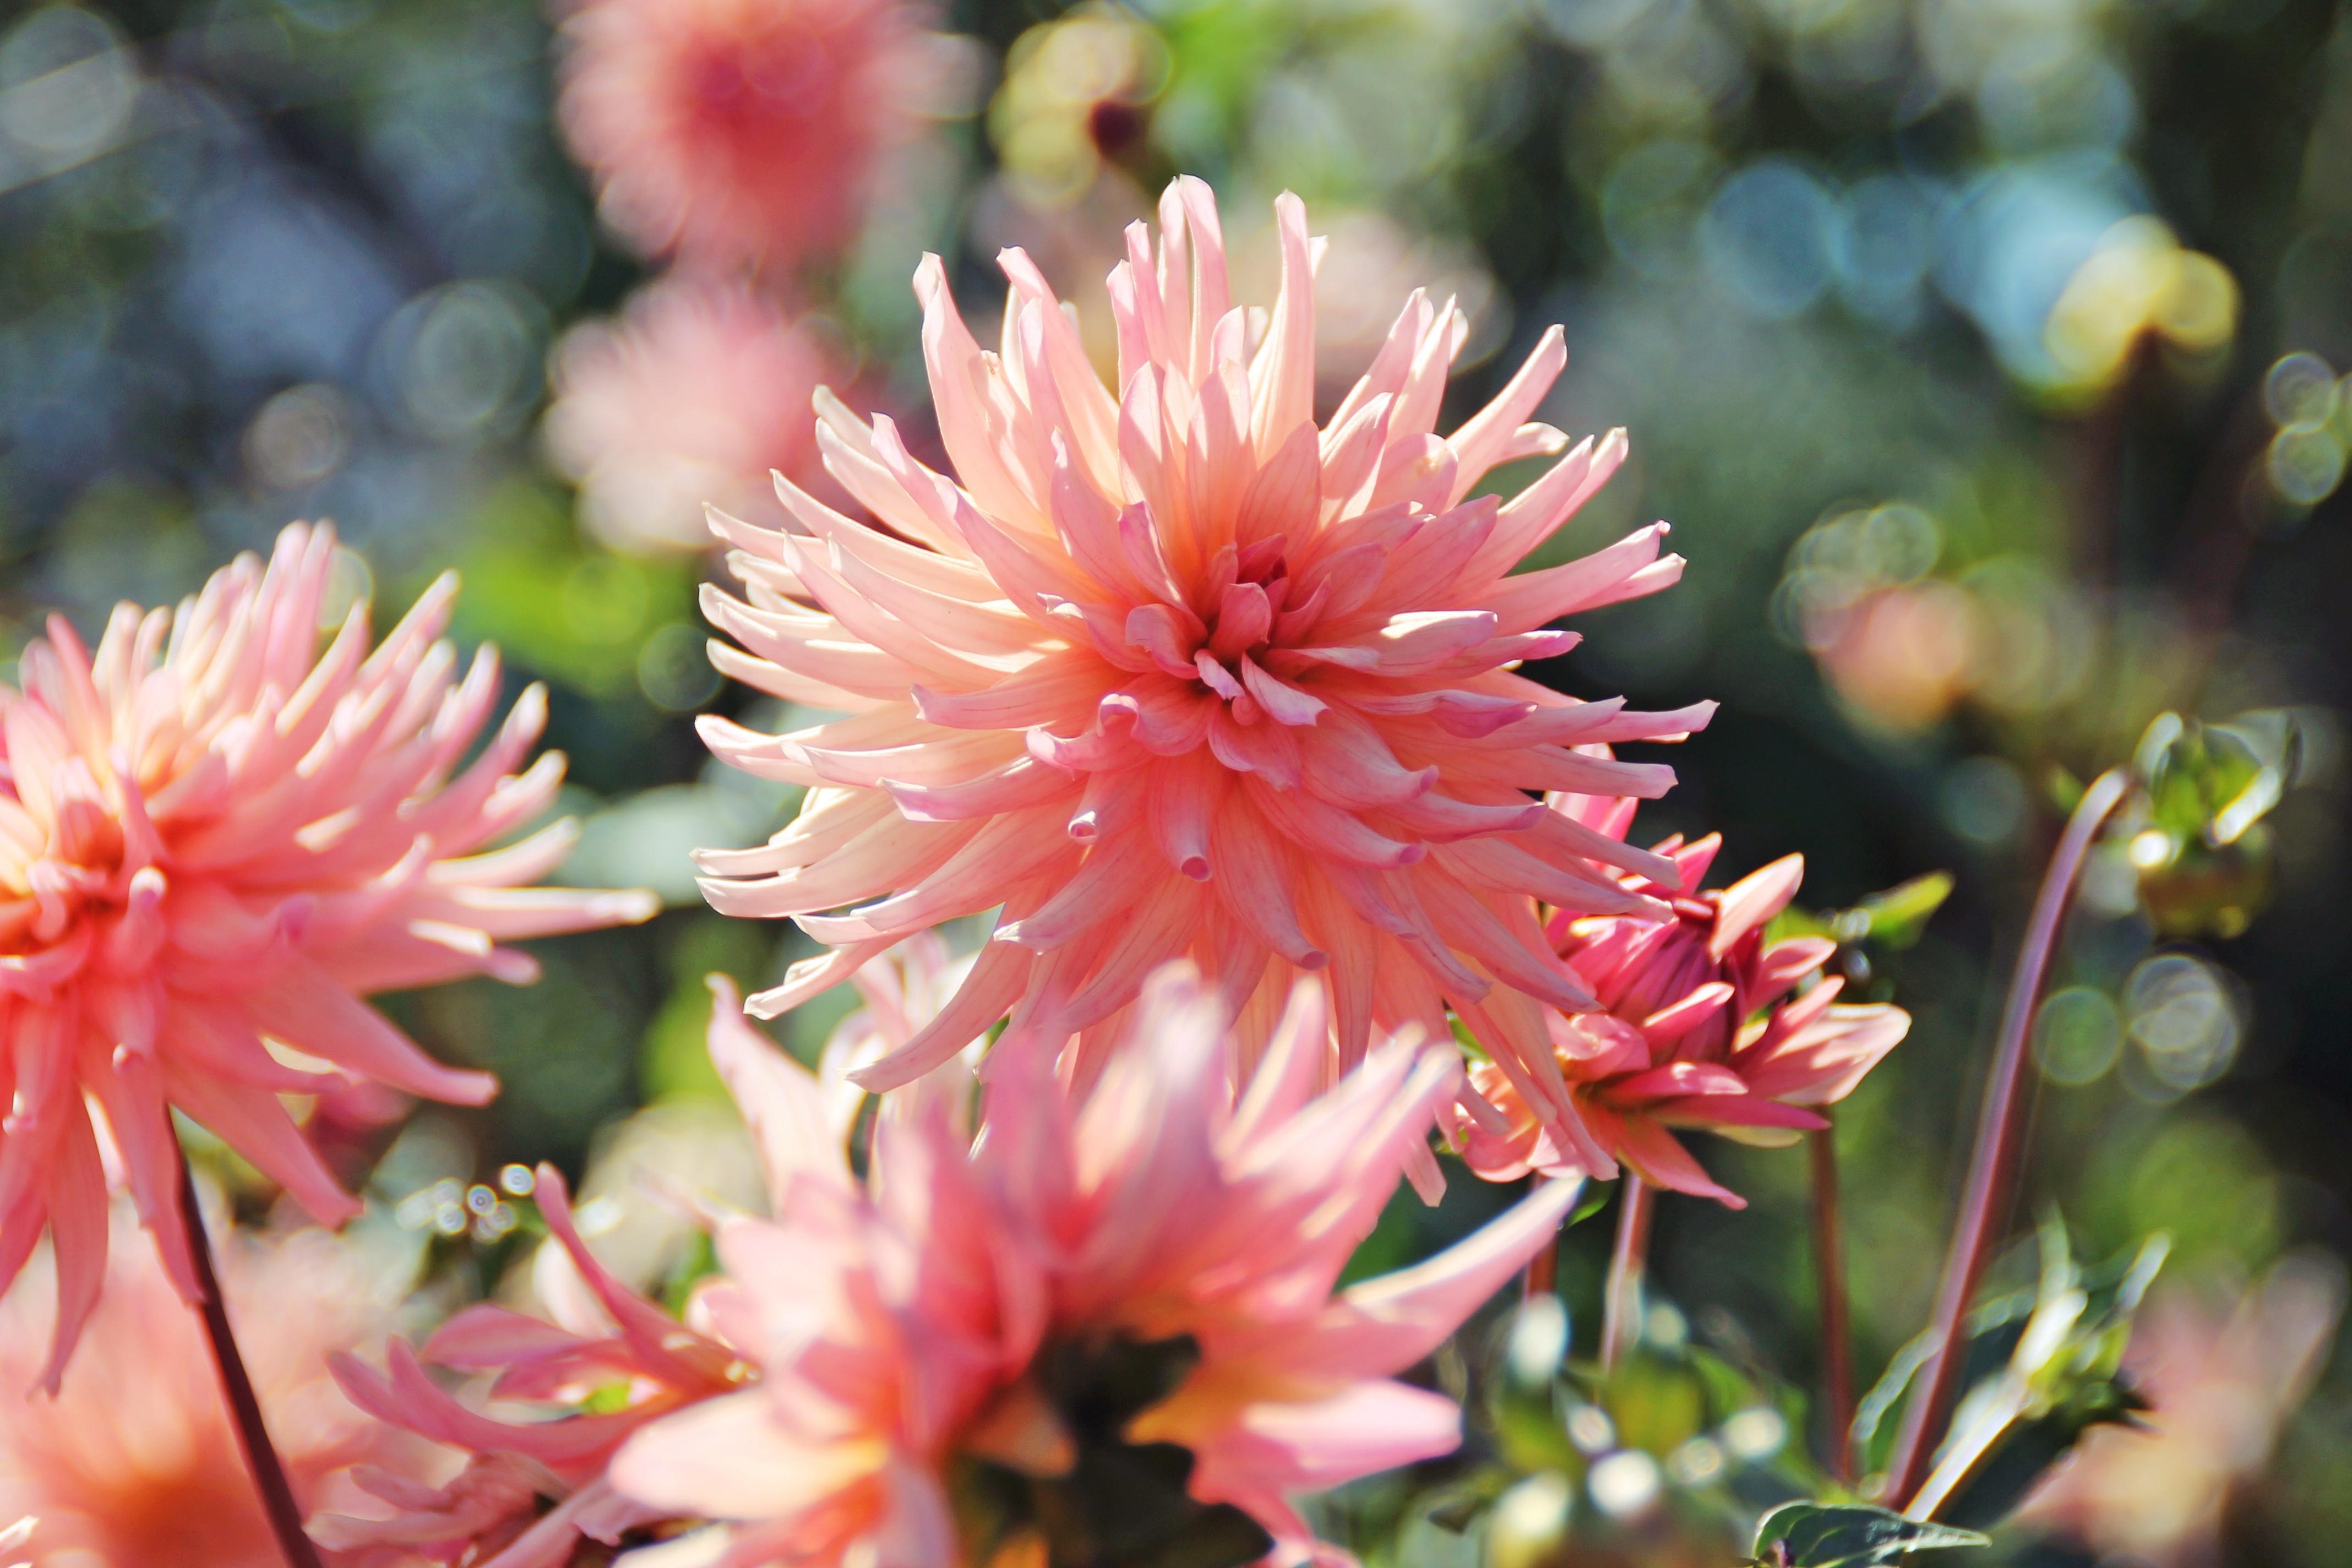 Sfondi fiori piante fiorire rosa dalie fiore dalia - Dalia pianta ...